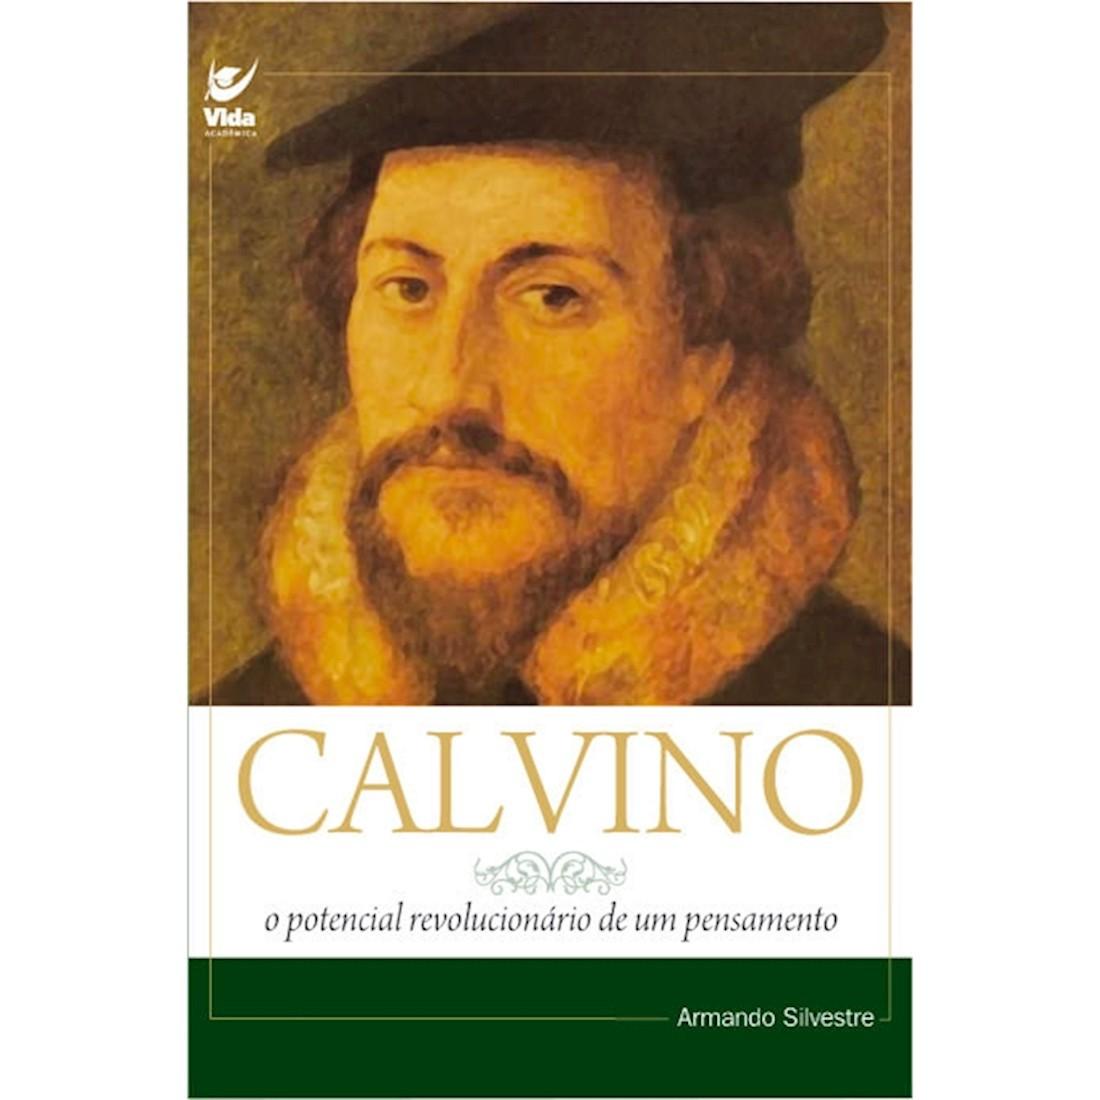 Livro Calvino: O Potencial Revolucionário de um Pensamento